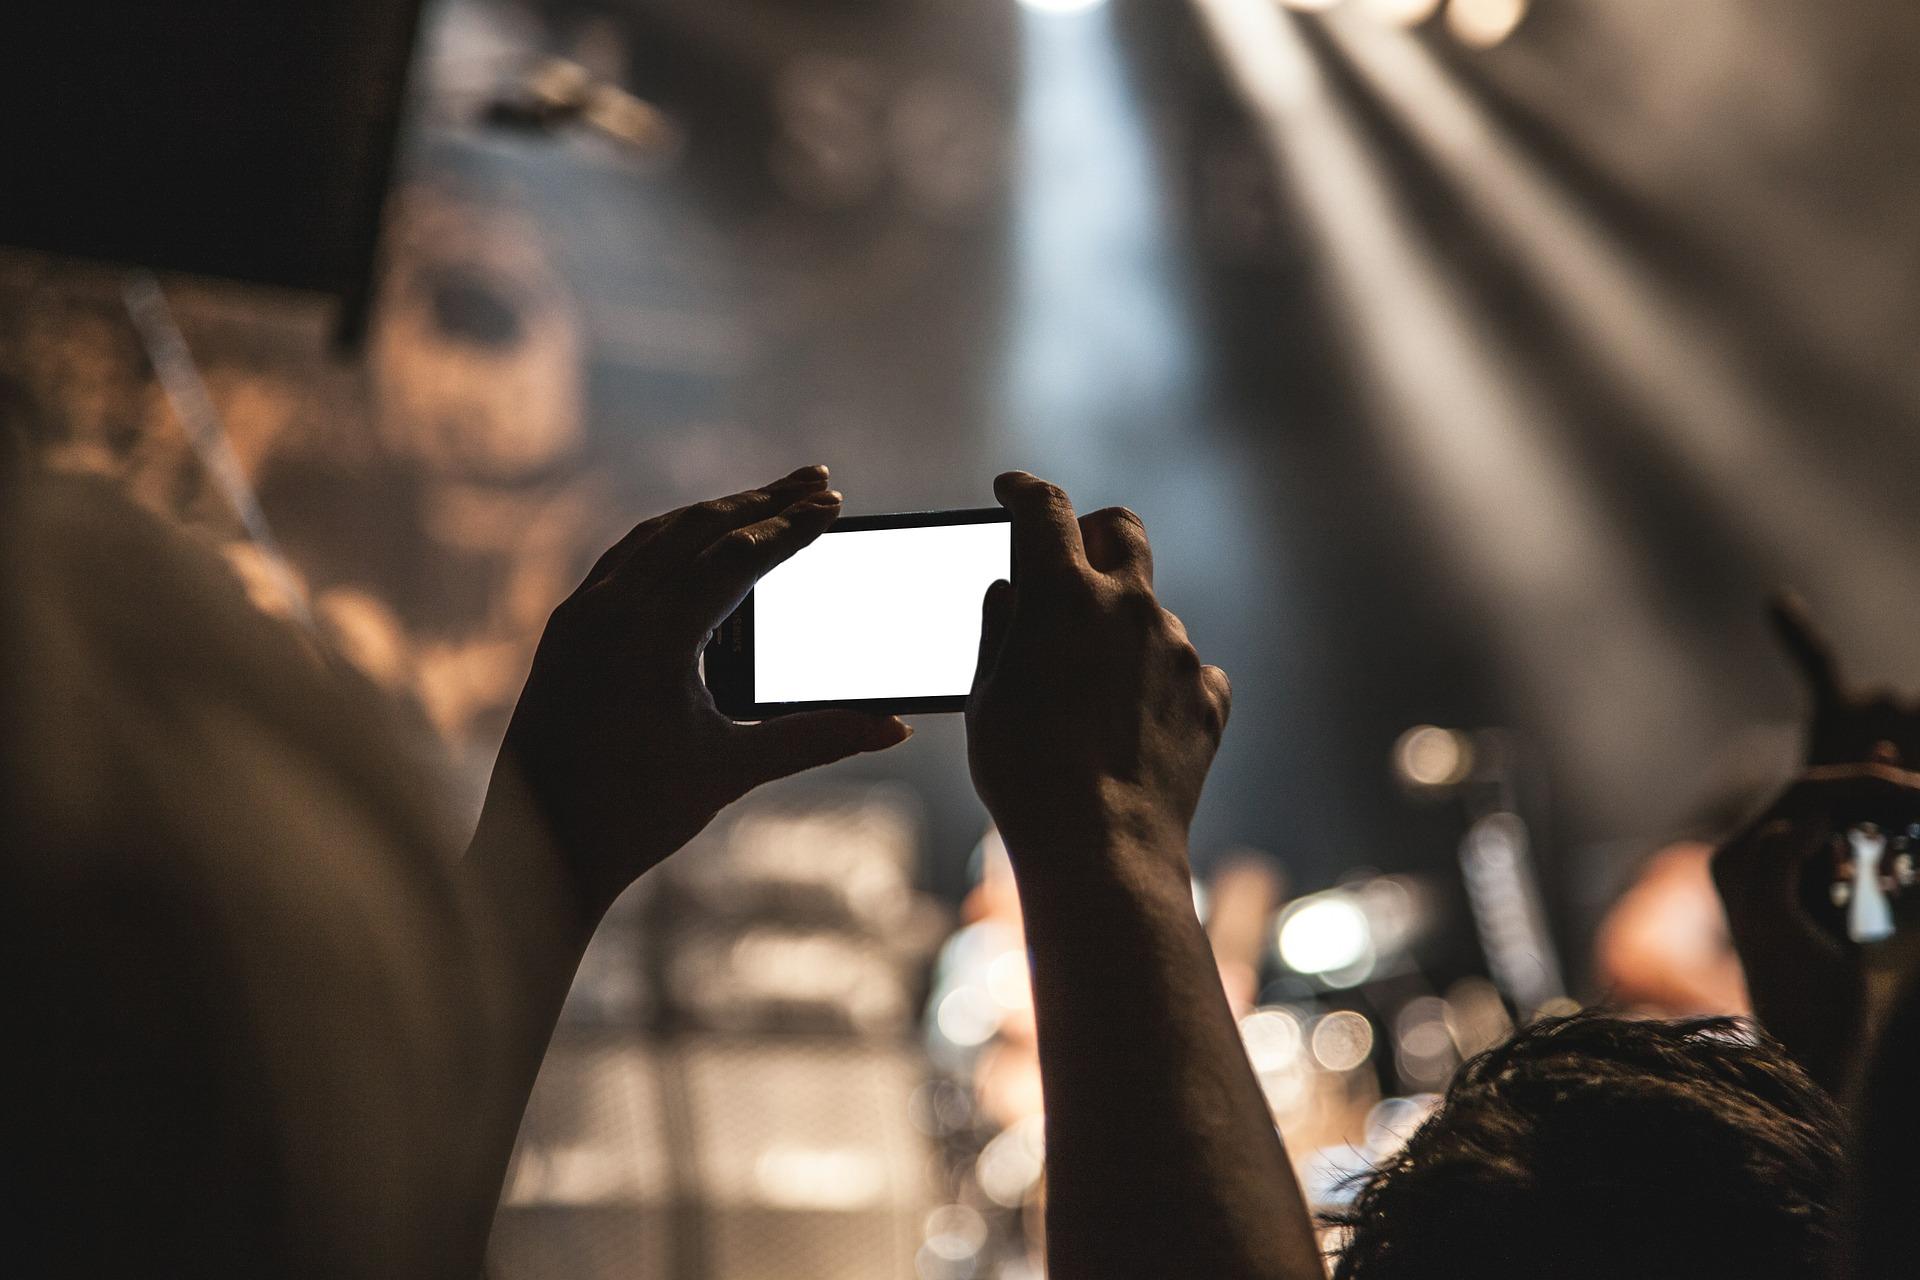 Le numérique et l'usage de smartphone se développent en Afrique